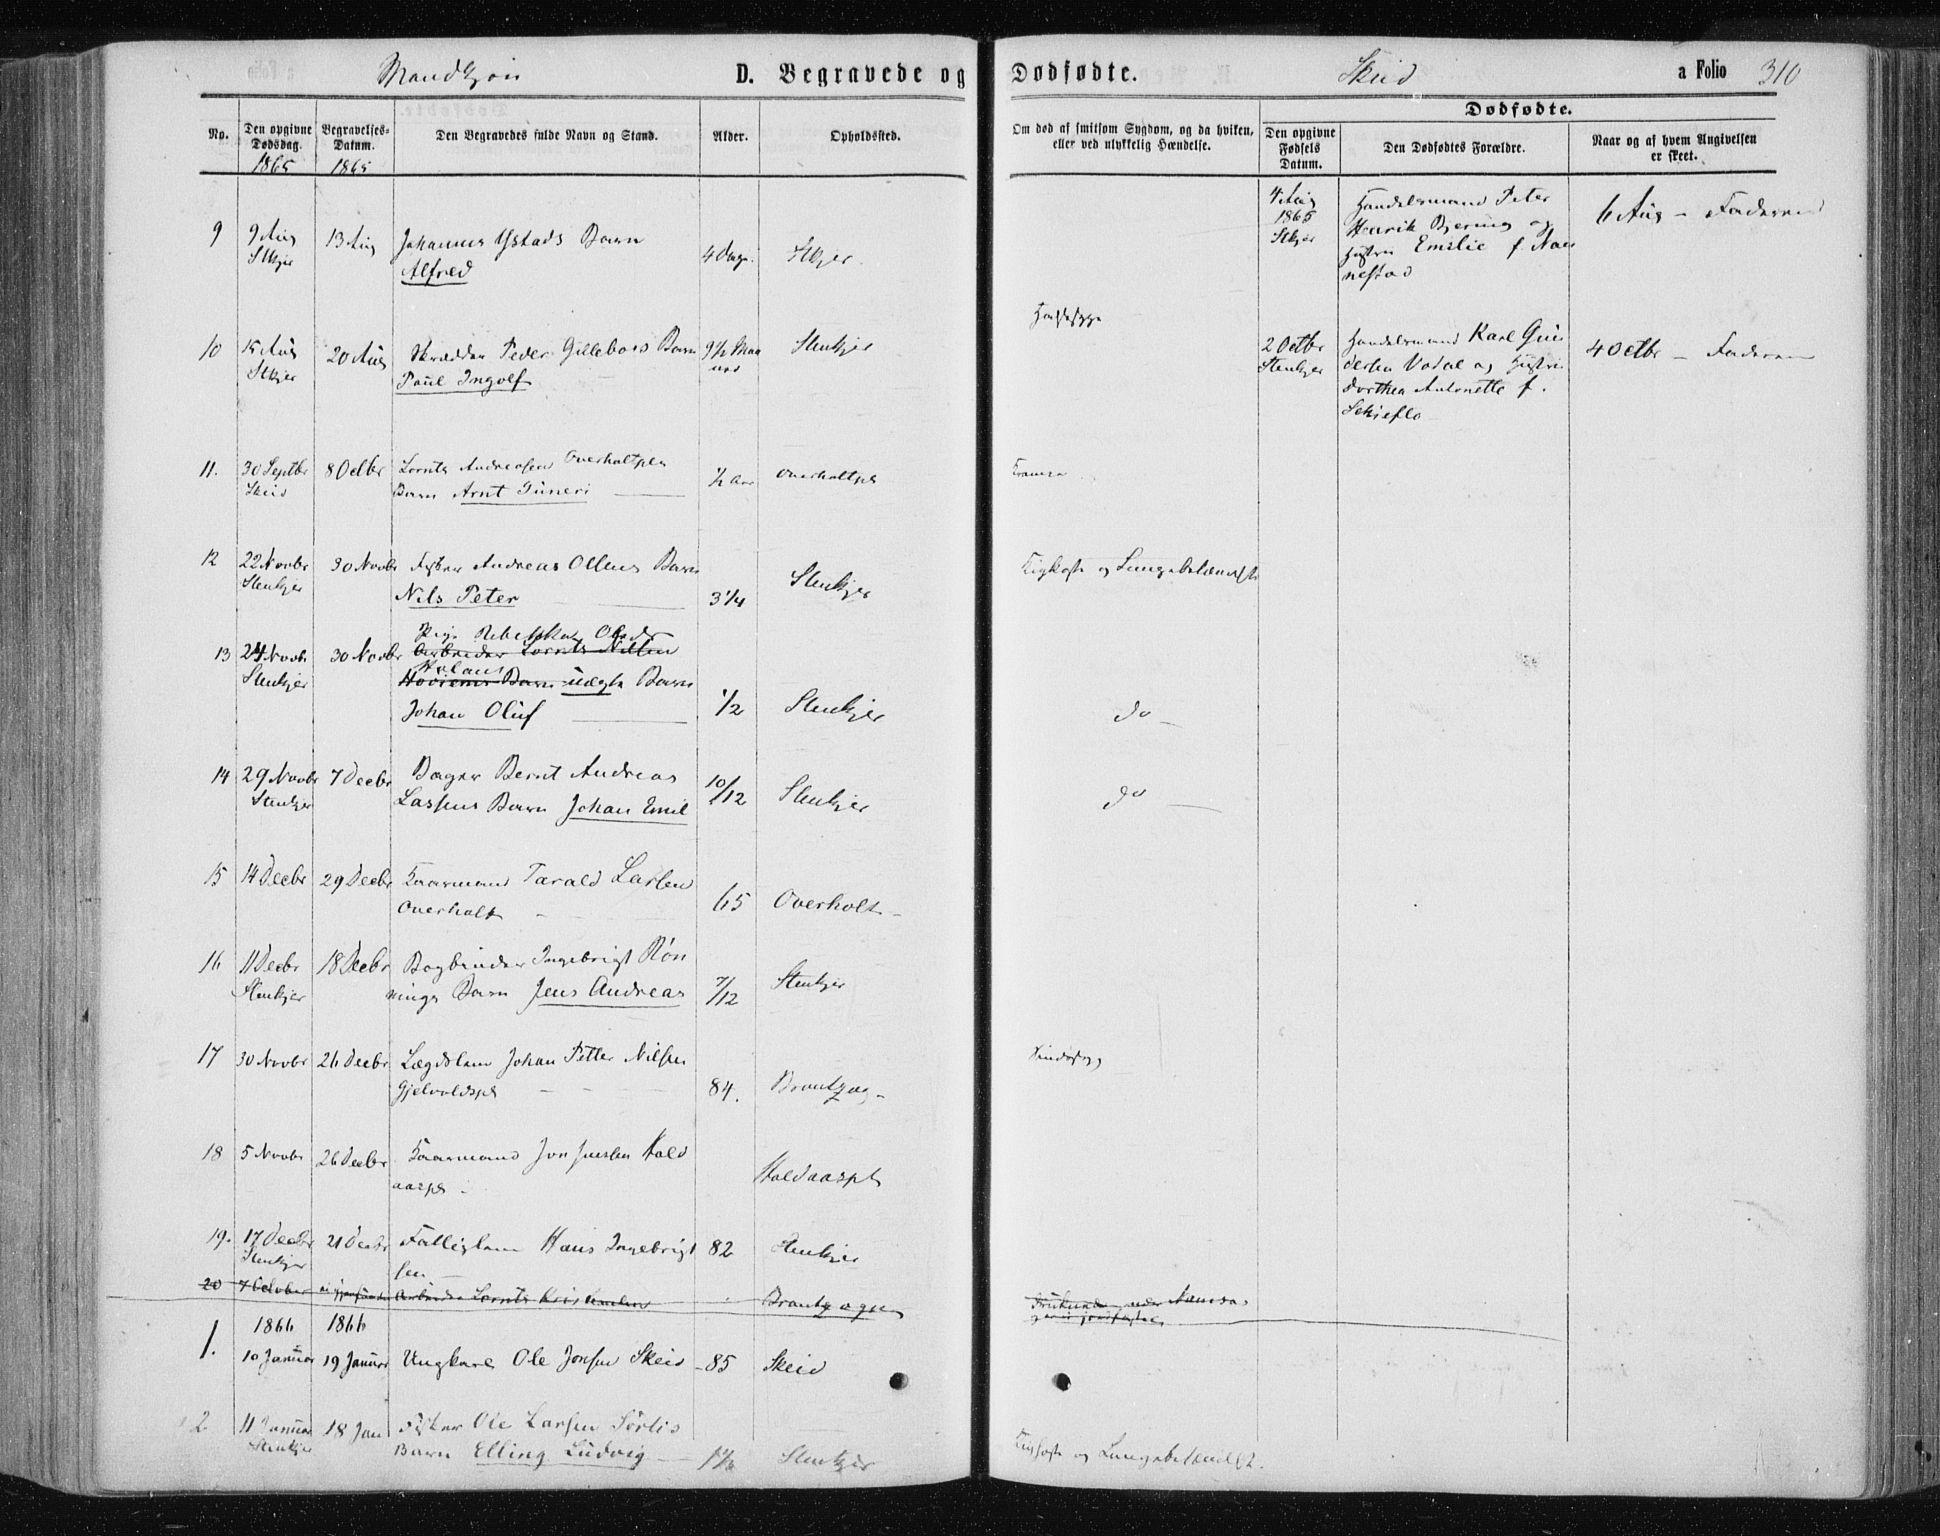 SAT, Ministerialprotokoller, klokkerbøker og fødselsregistre - Nord-Trøndelag, 735/L0345: Ministerialbok nr. 735A08 /2, 1863-1872, s. 310